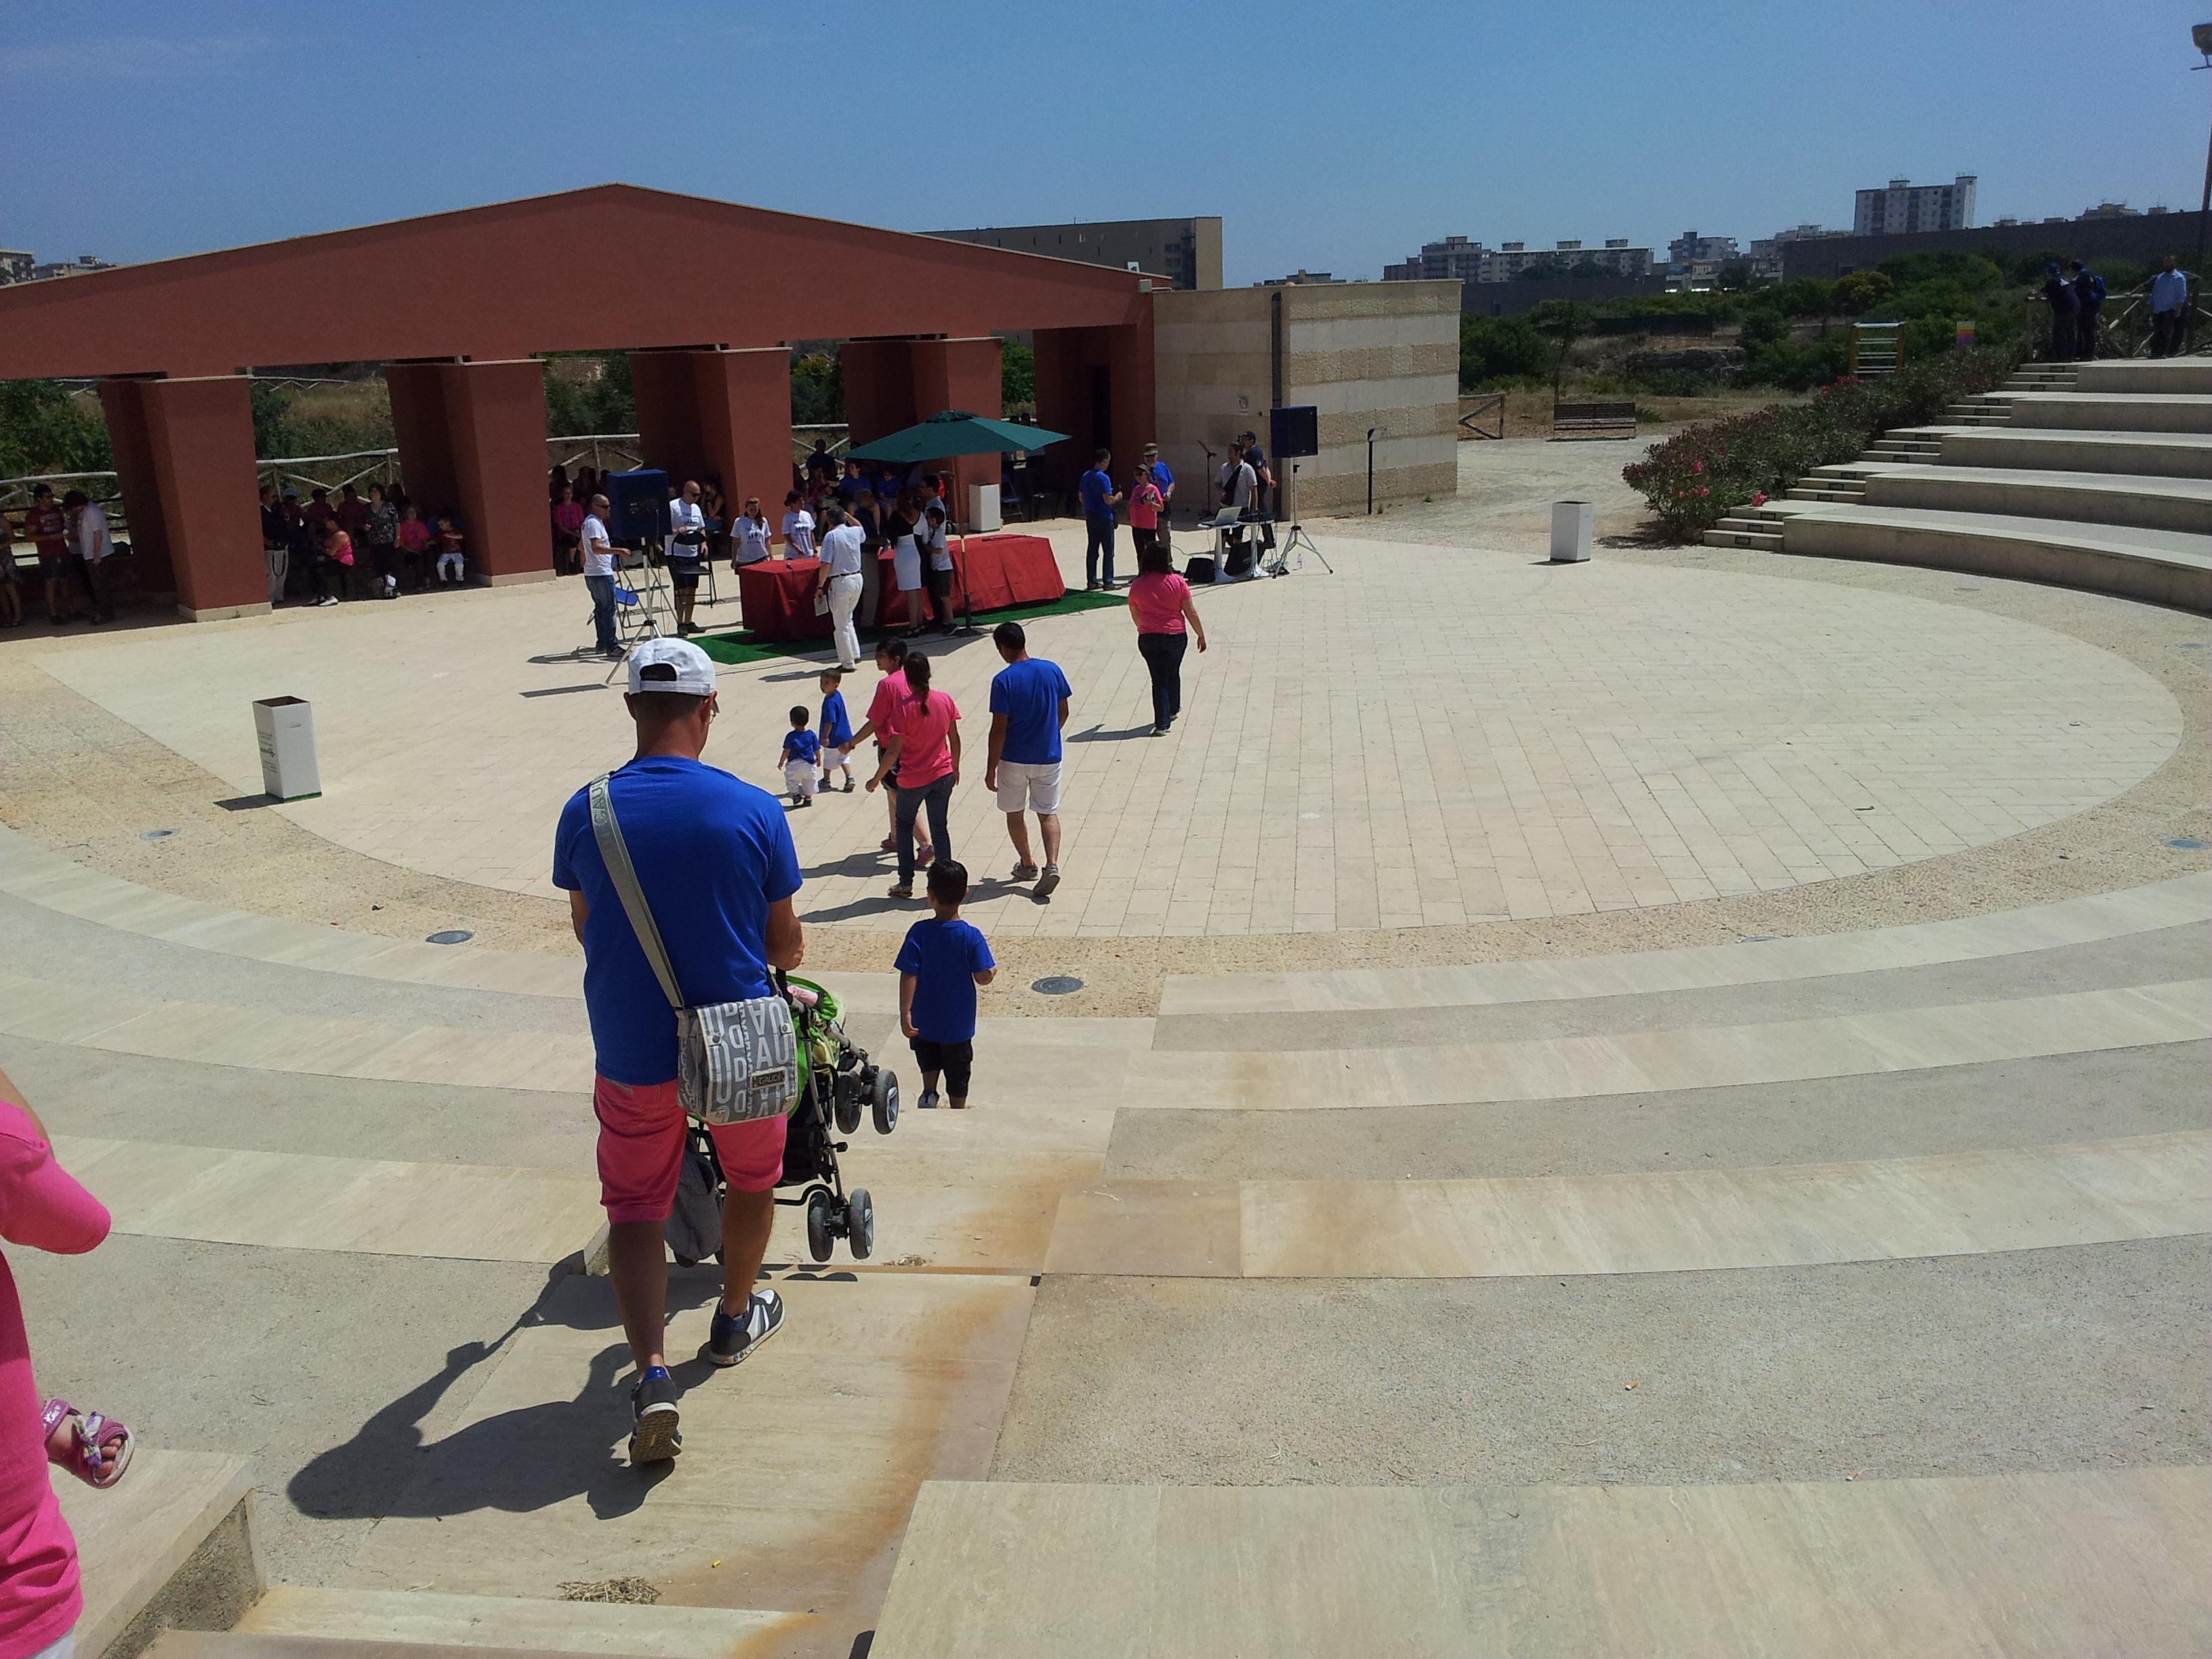 La manifestazione al Parco Cassarà di Palermo al Family Day 2013